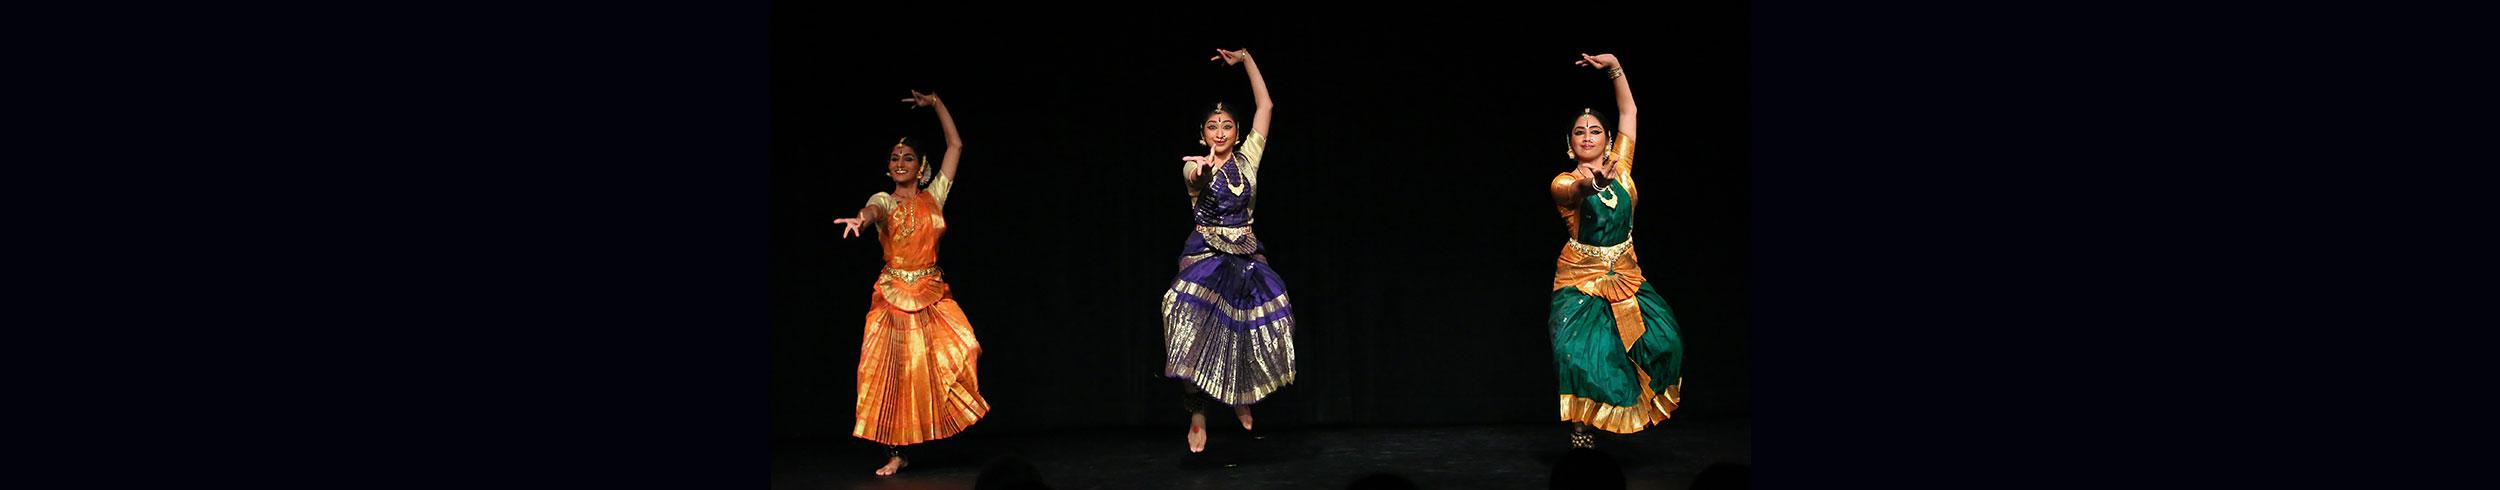 3 women dancing in colorful dresses